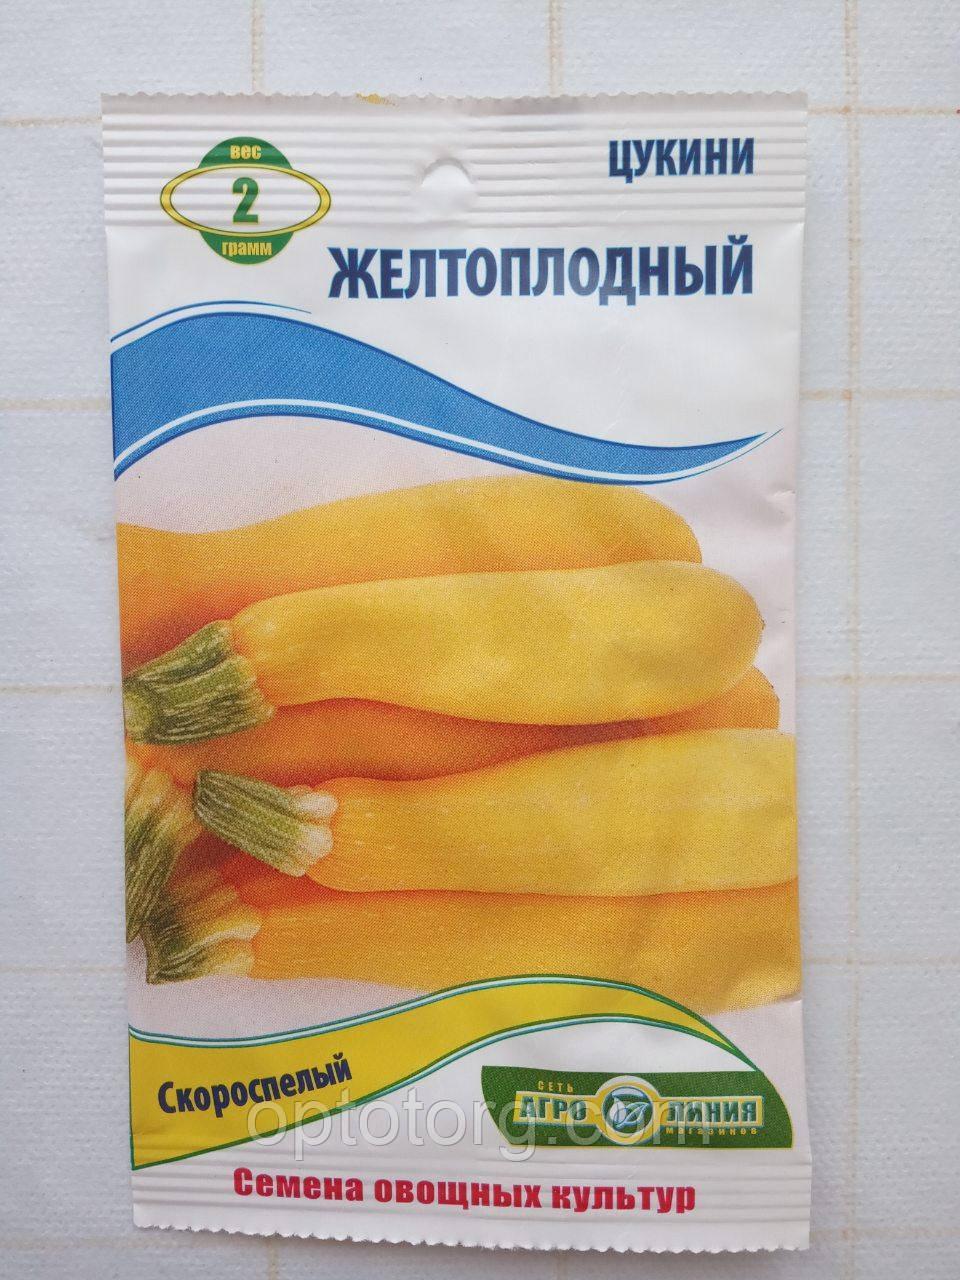 Насіння цукіні Жовтоплідний 2 гр